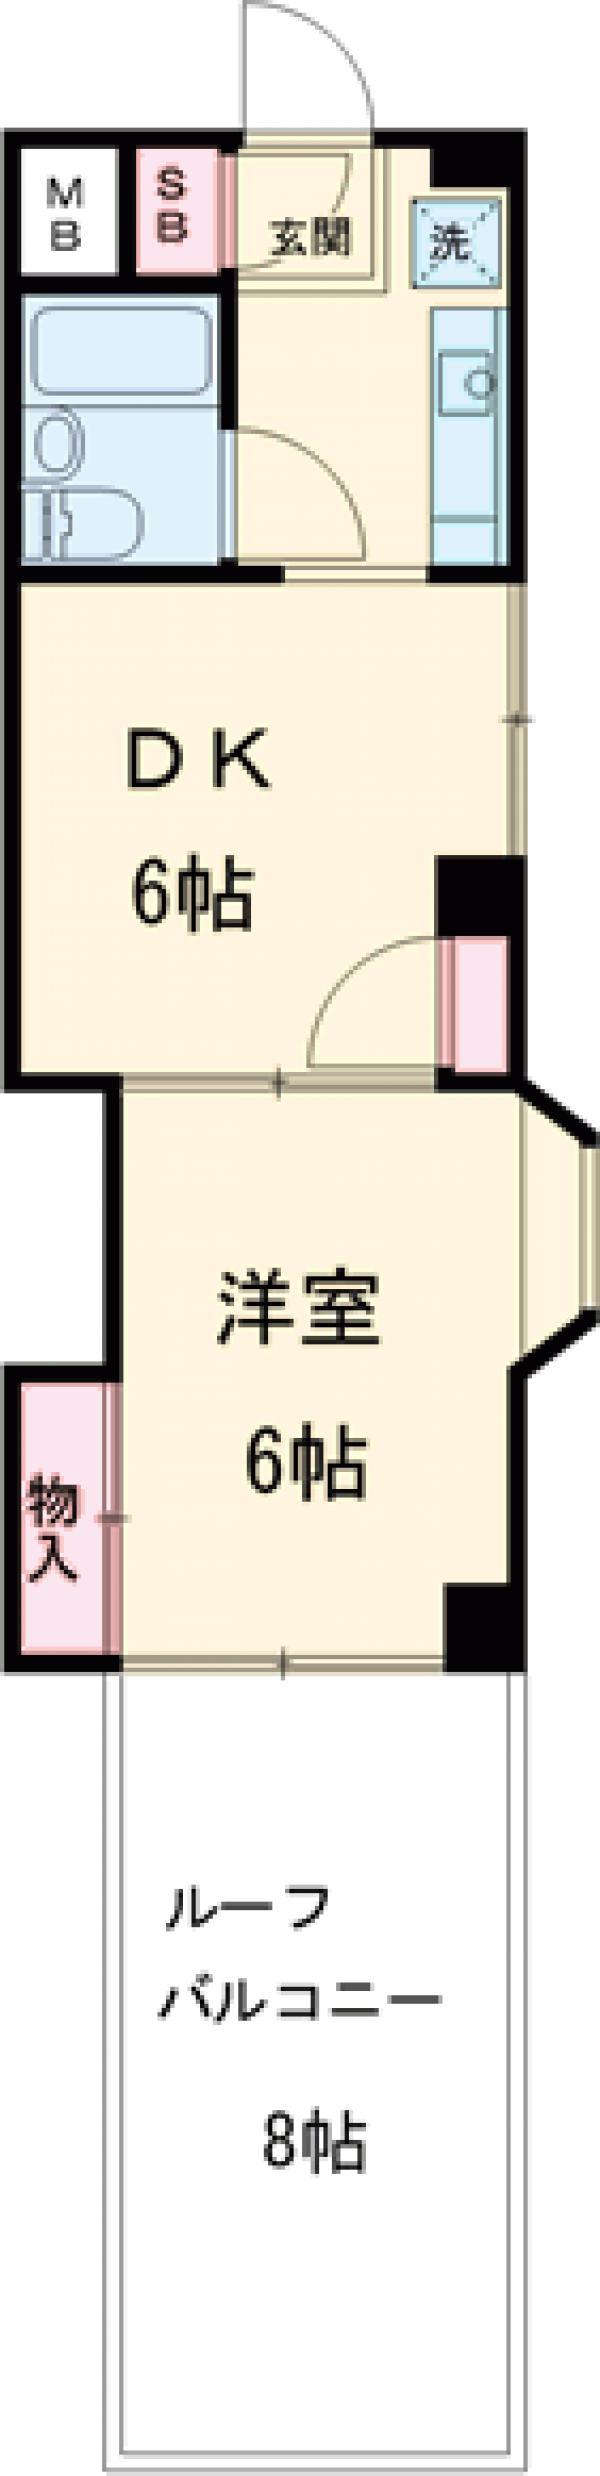 ウィンド聖蹟桜ヶ丘 503号室の間取り